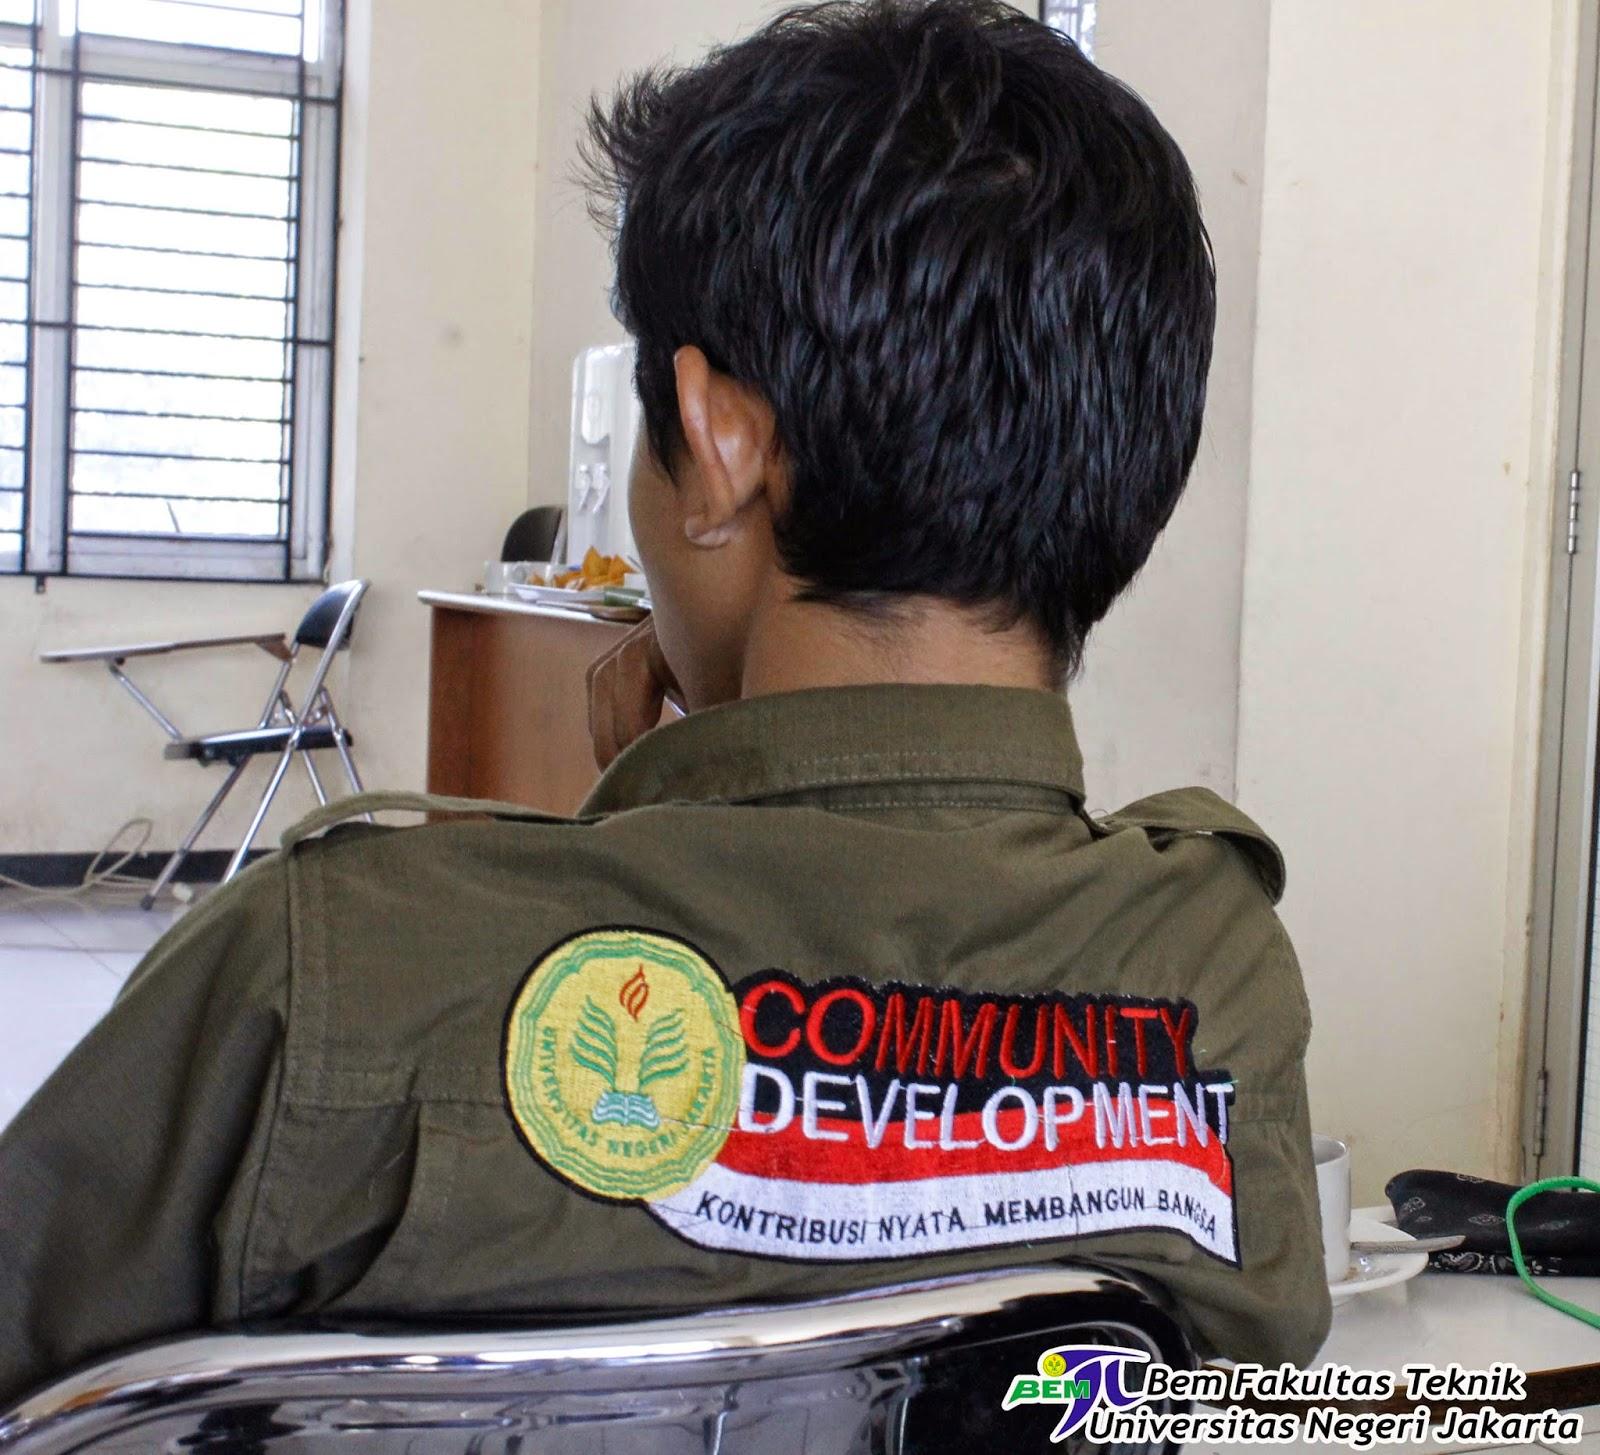 Diklat Relawan Comdev FT UNJ 2014